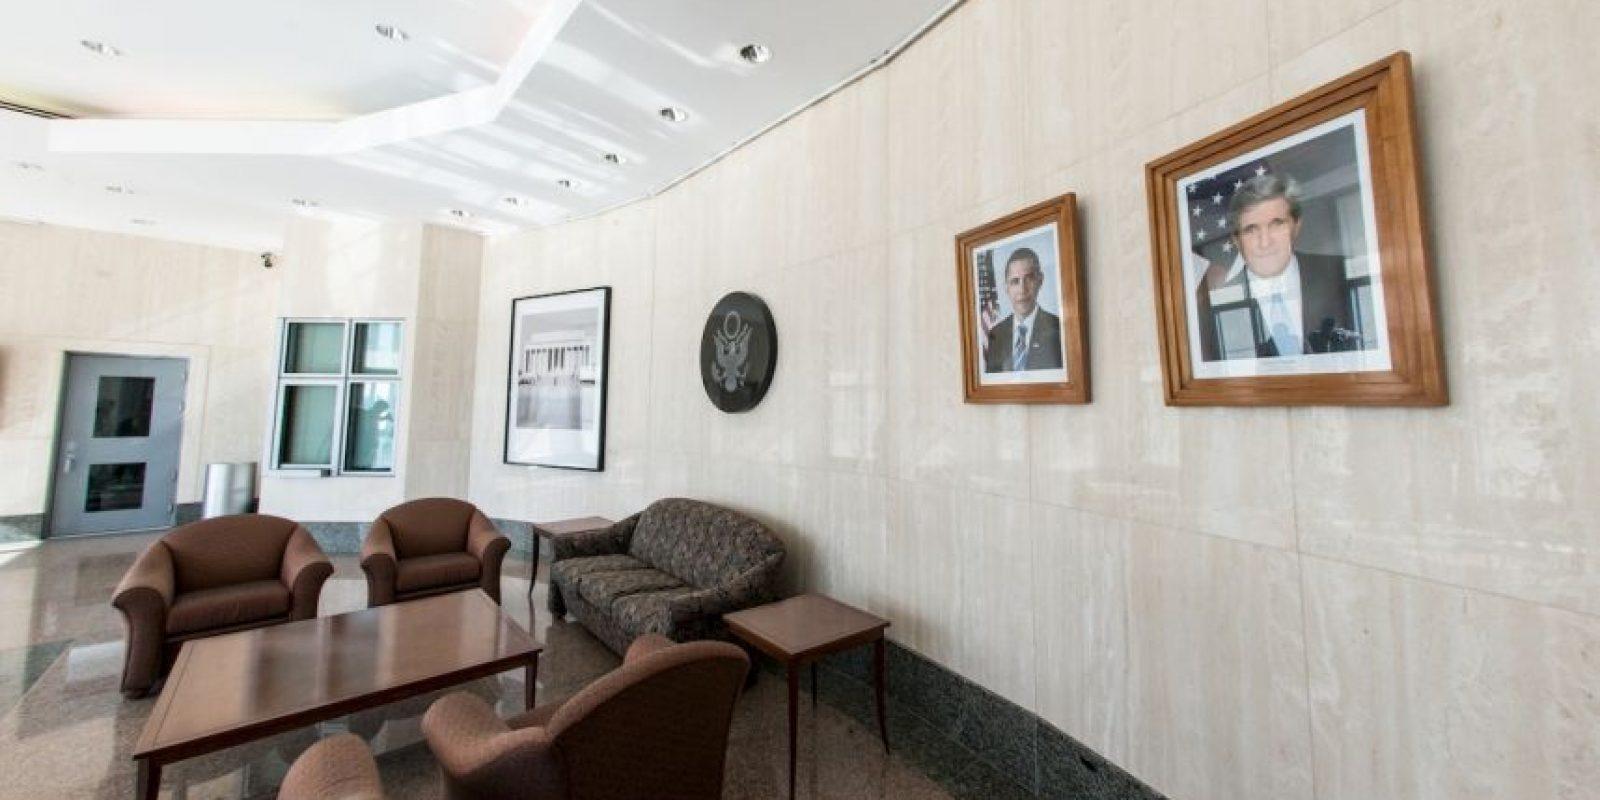 Sala de reuniones donde se puede apreciar el retrato del presidente Barack Obama y del Secretario de Estado, John Kerry Foto:AFP